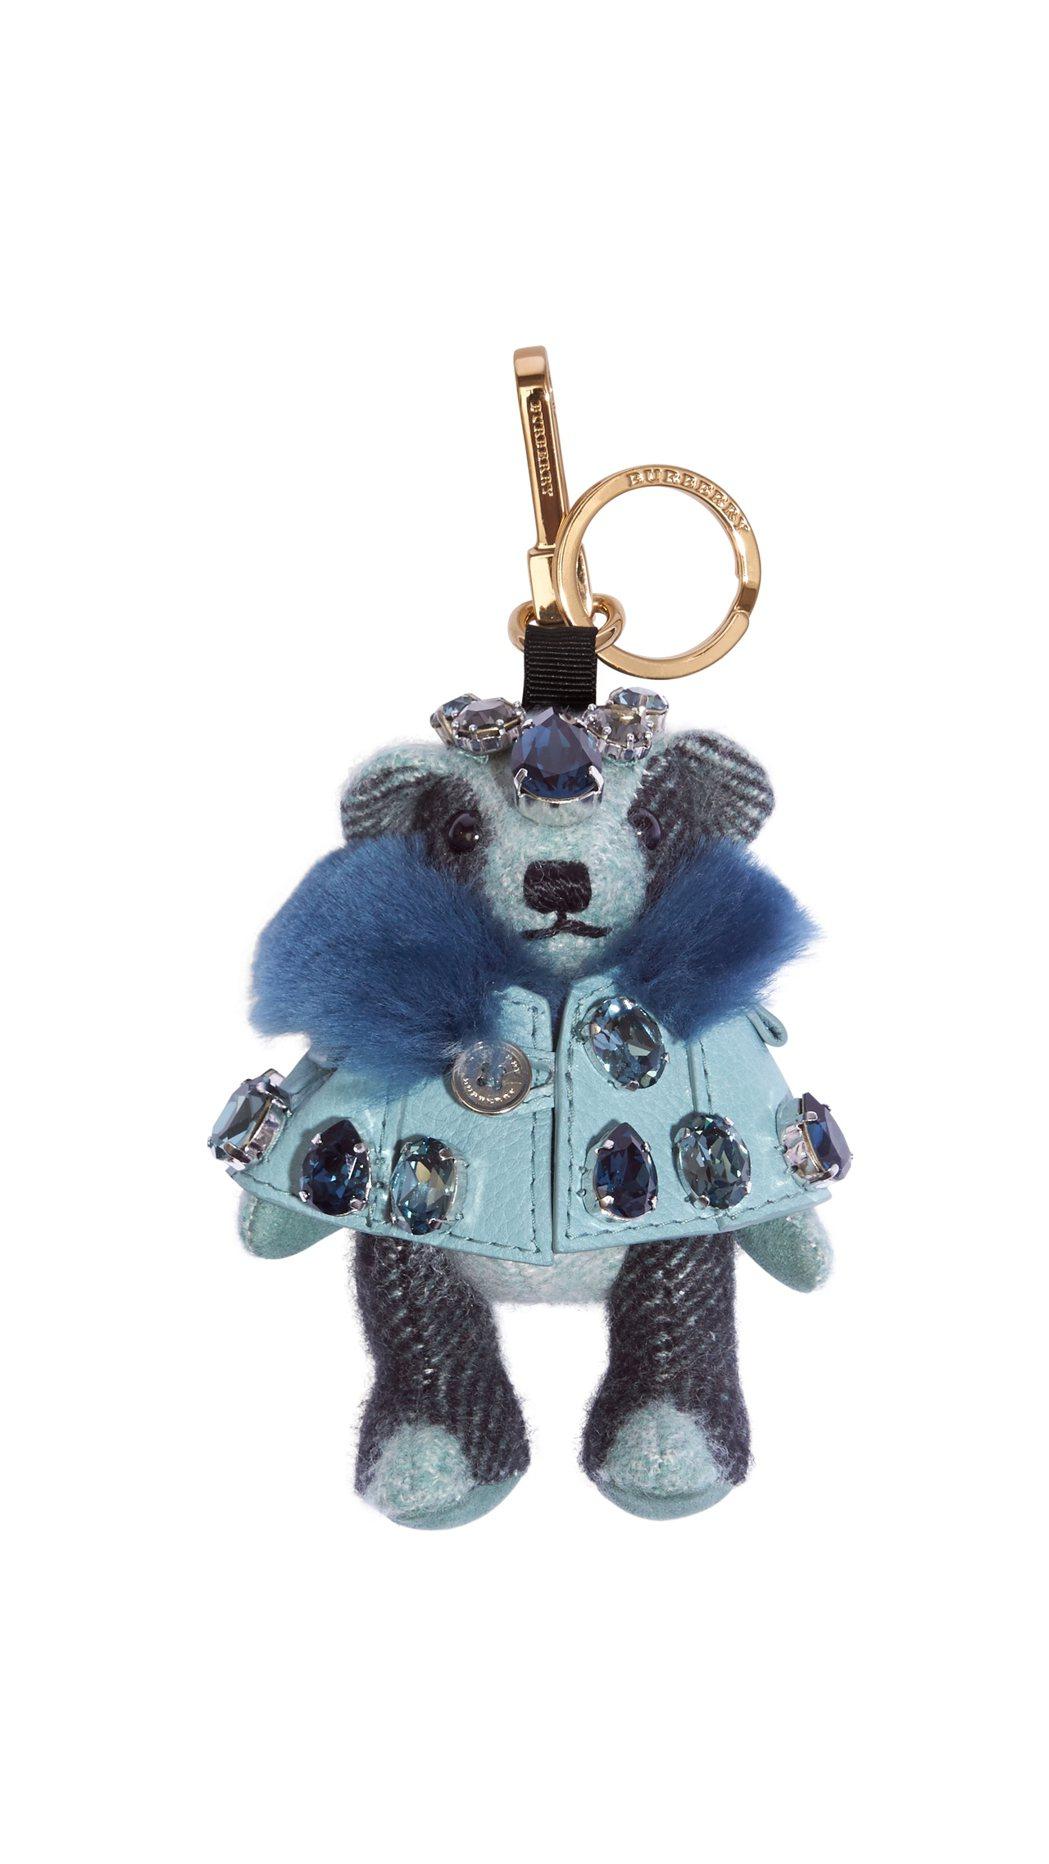 農曆新年禮品系列包括品牌經典小熊Thomas Bear。圖/BURBERRY提供